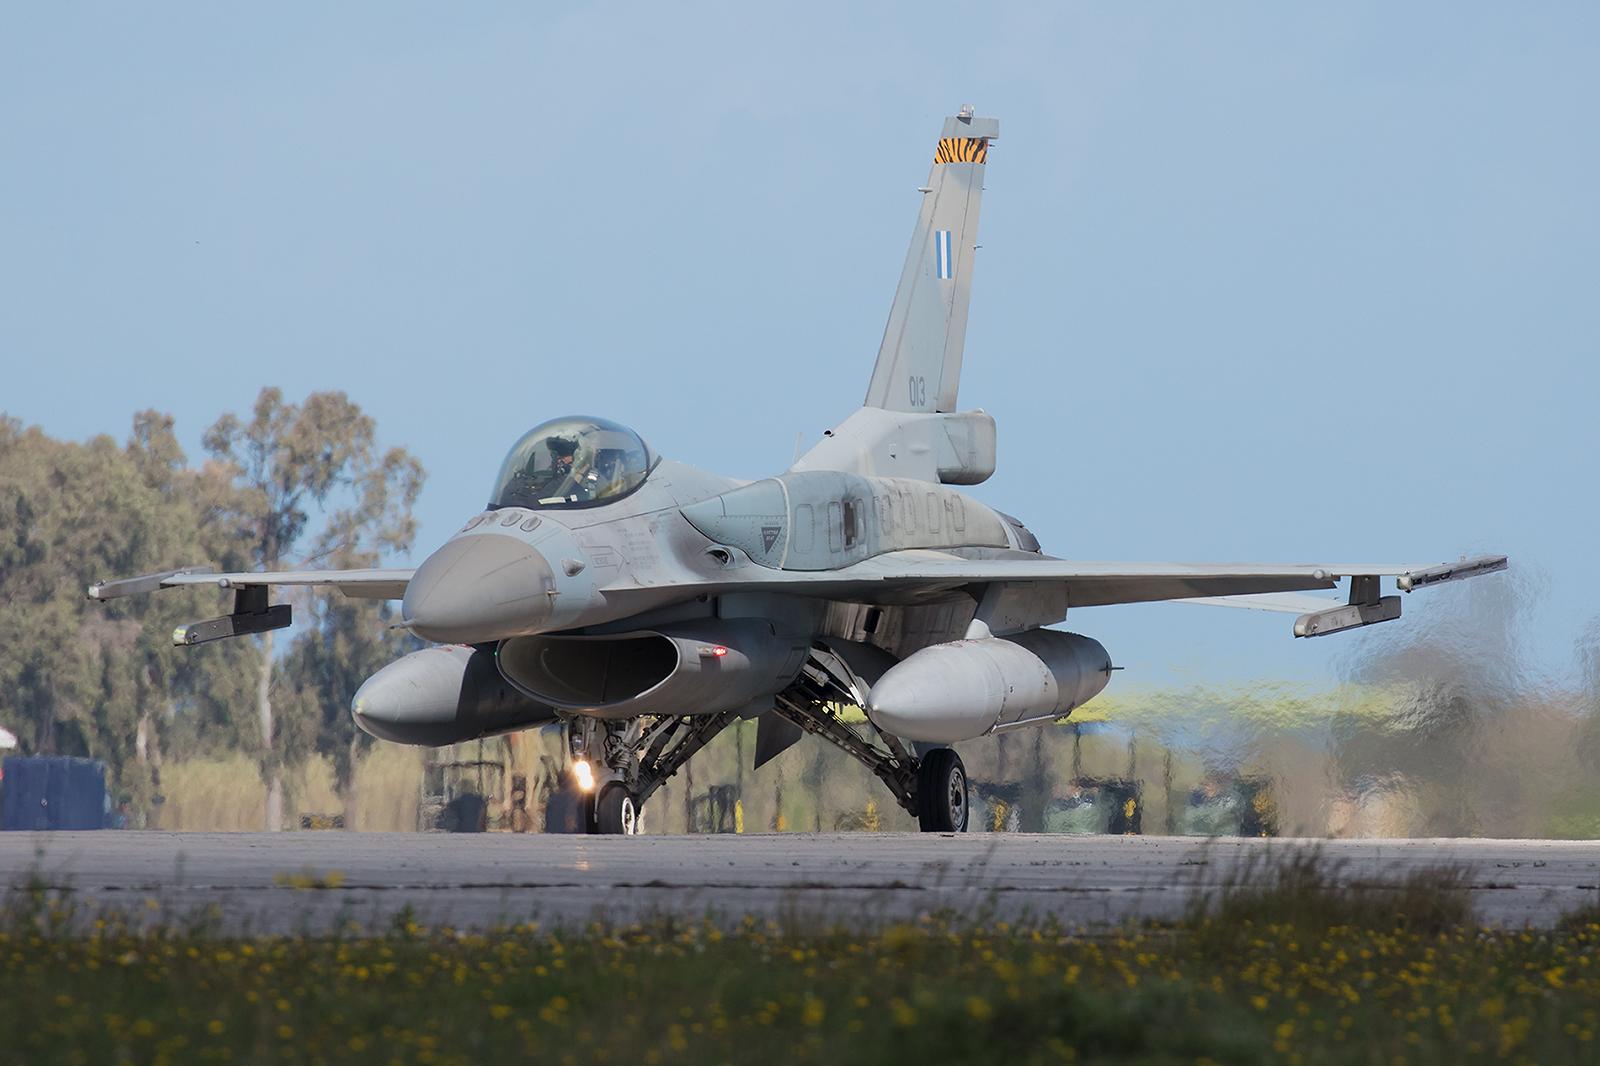 013, General Dynamics F-16C Block 52 der 335 Mira aus Araxos.